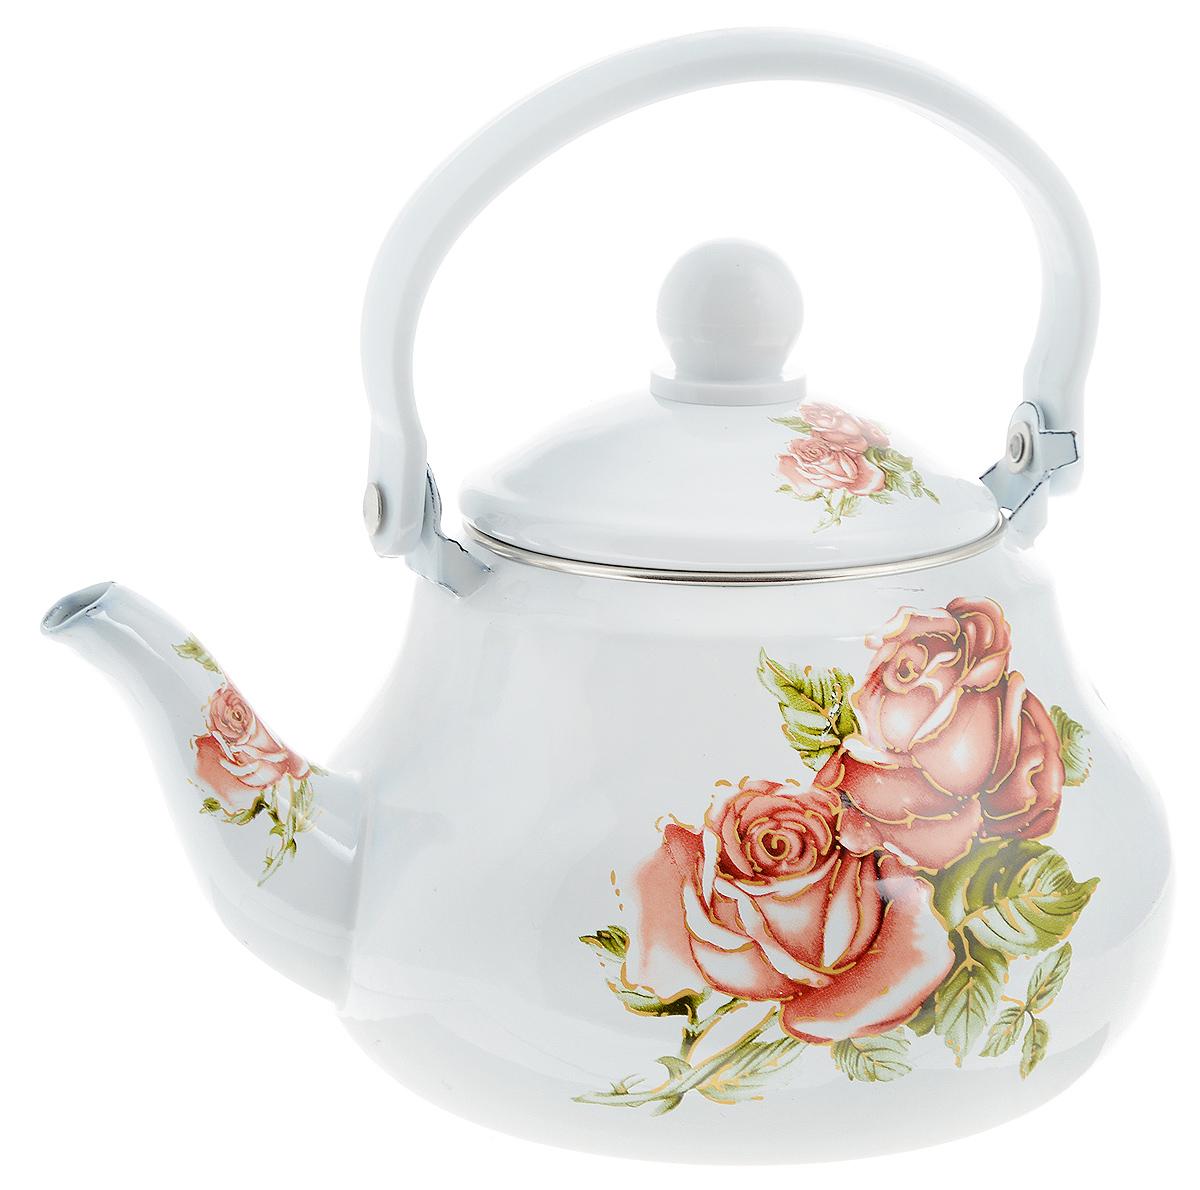 Чайник заварочный Mayer & Boch Яркие розы, 1,5 лVT-1520(SR)Заварочный чайник Mayer & Boch Яркие розы изготовлен из высококачественной углеродистой стали с эмалированным покрытием. Такое покрытие защищает сталь от коррозии, придает посуде гладкую стекловидную поверхность и надежно защищает от кислот и щелочей. Изделие прекрасно подходит для заваривания вкусного и ароматного чая, травяных настоев. Чайник оснащен сетчатым фильтром, который задерживает чаинки и предотвращает их попадание в чашку. Оригинальный дизайн сделает чайник настоящим украшением стола. Он удобен в использовании и понравится каждому. Подходит для использования на газовых, стеклокерамических, электрических, галогеновых и индукционных плитах. Можно мыть в посудомоечной машине. Диаметр чайника (по верхнему краю): 9,5 см. Высота чайника (без учета крышки): 11 см.Толщина стенок: 8 мм.